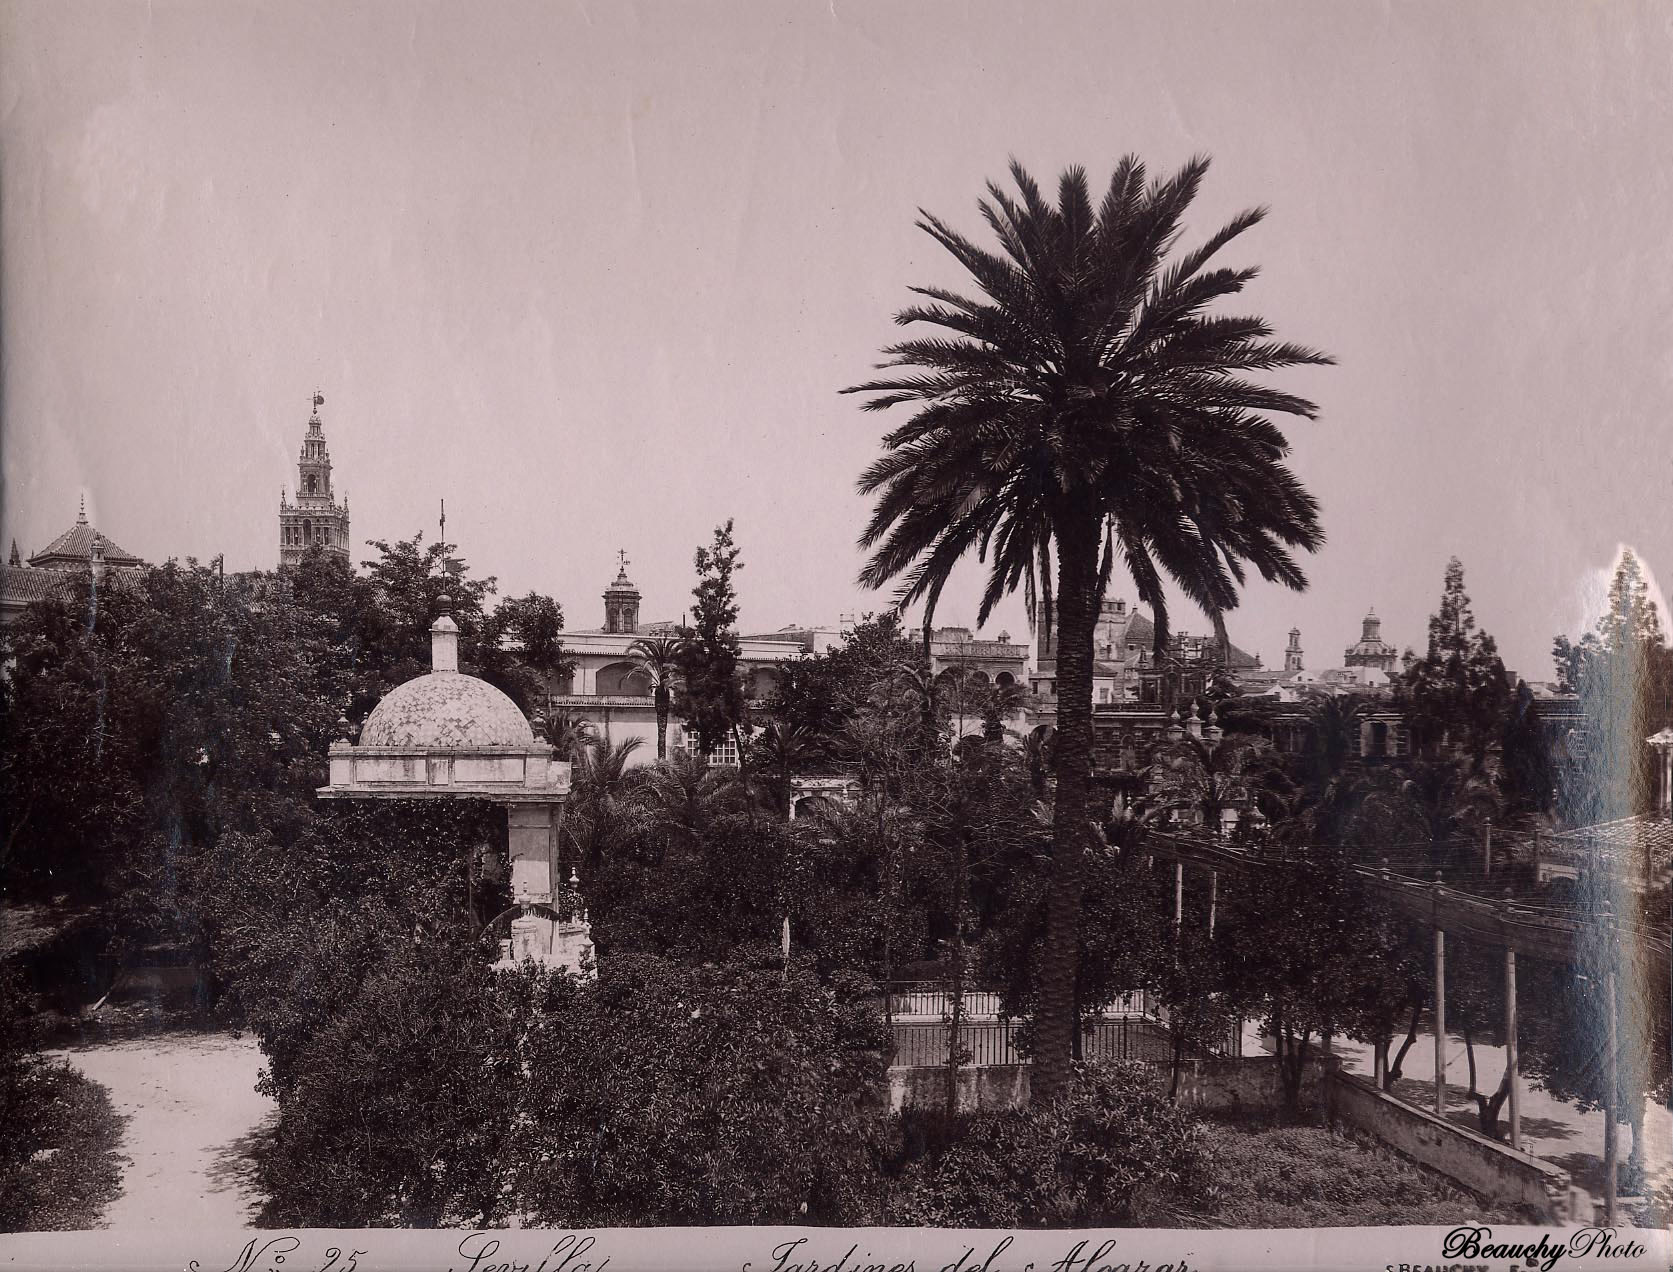 Beauchyphoto_Jardines_del_Alcázar-Jardin_de_las_Damas_c1880_Emilio_Beauchy_Cano_fotografias_antiguas_postales_vistas_y_monumentos